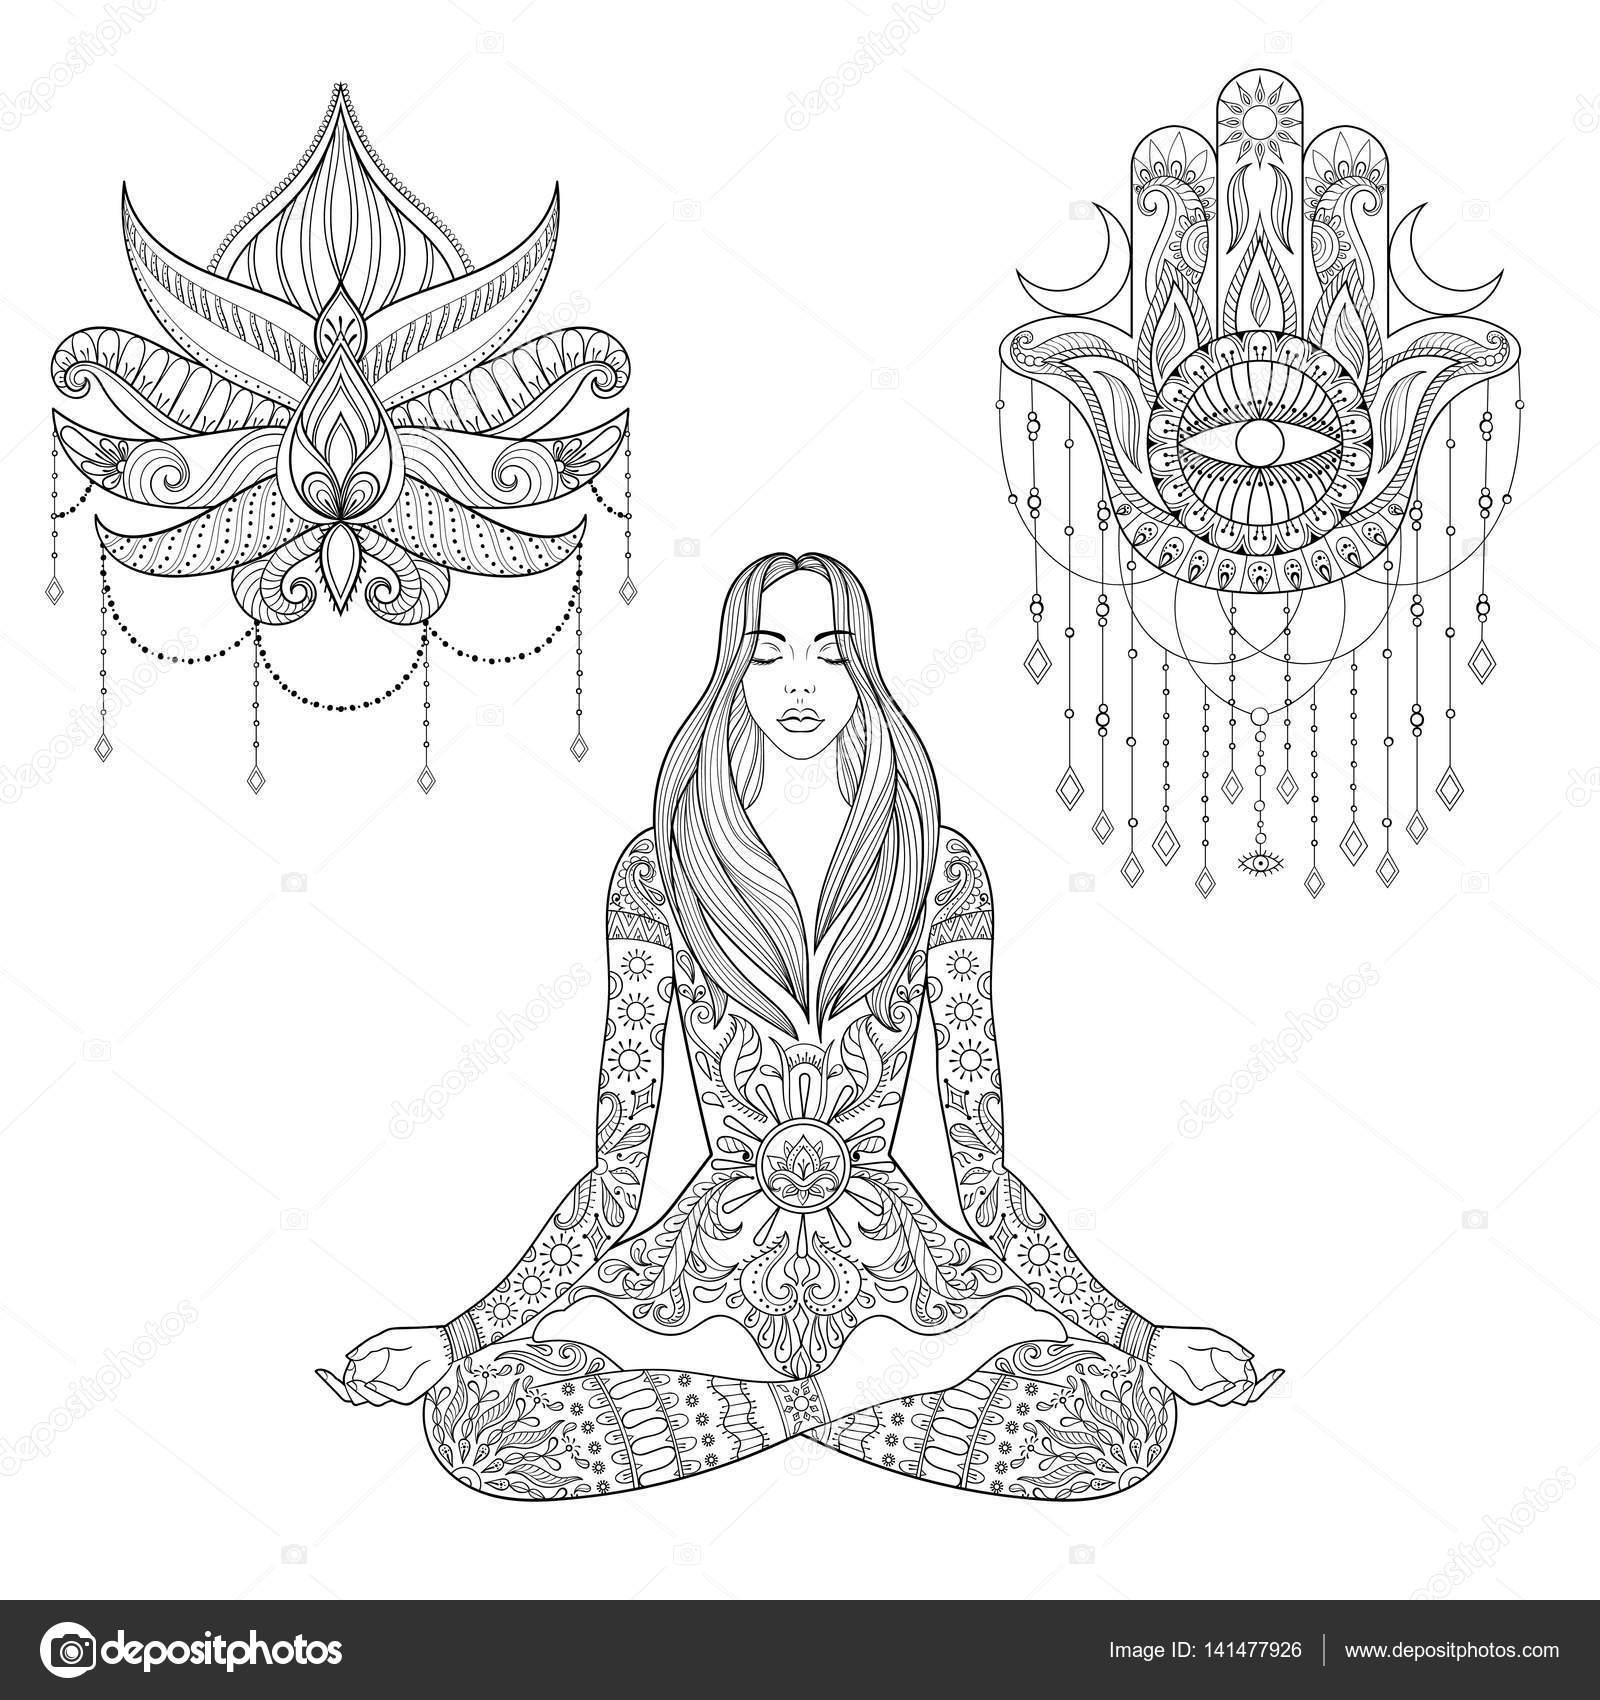 Silueta De Mujer Sentada Dibujo Mujer Sentada En Posición De Loto